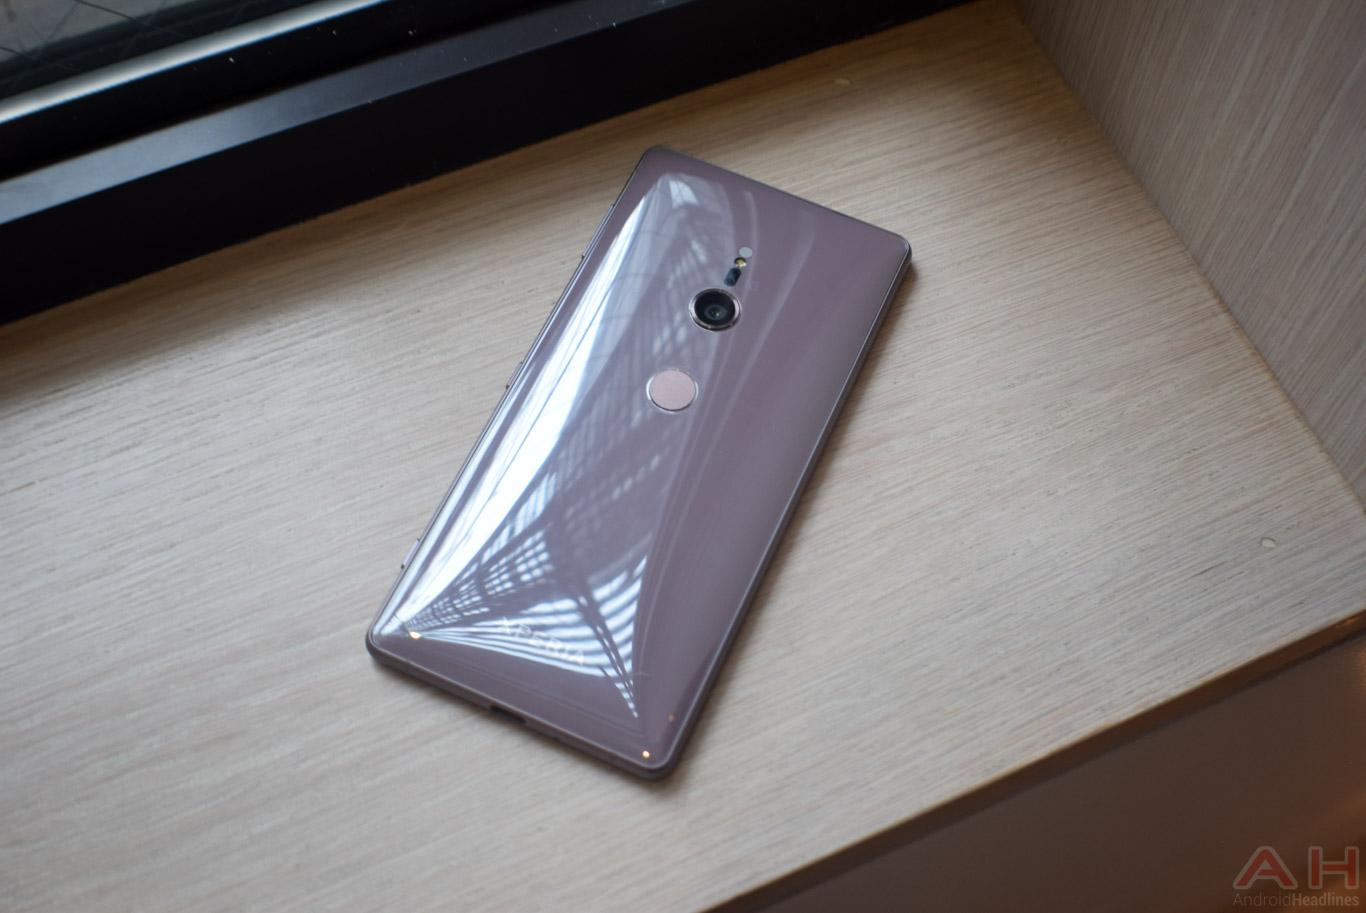 Sony-Xperia-XZ2-MWC-18-AM-AH-7.jpg